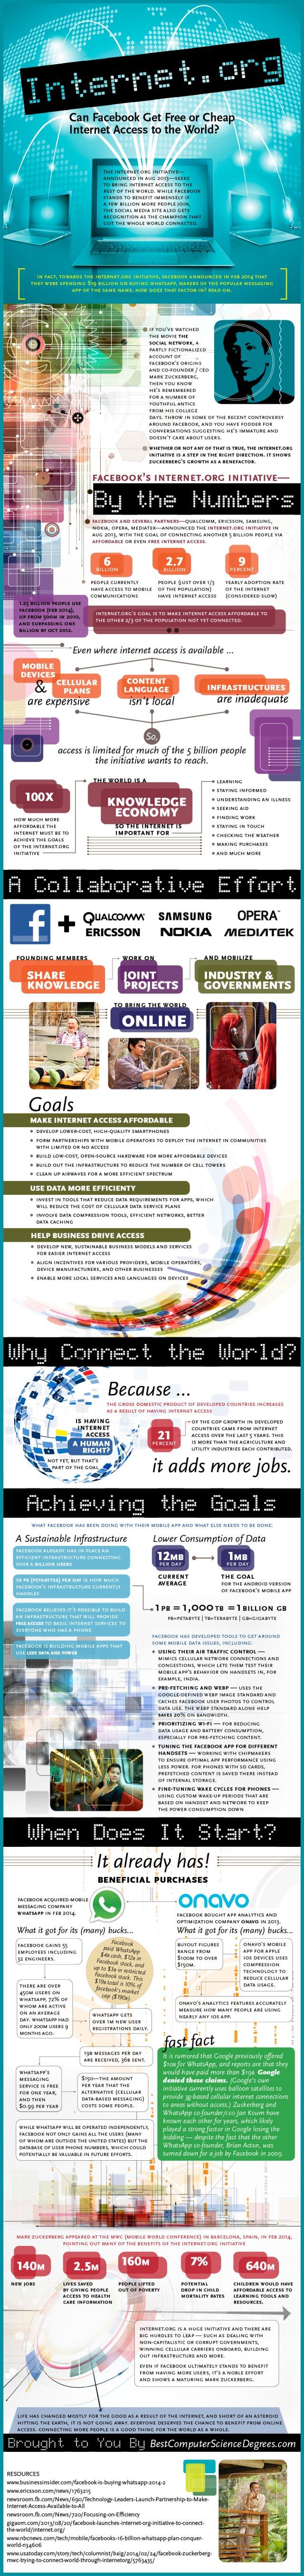 ¿Puede FaceBook dar conexión de Internet a todo el Mundo?